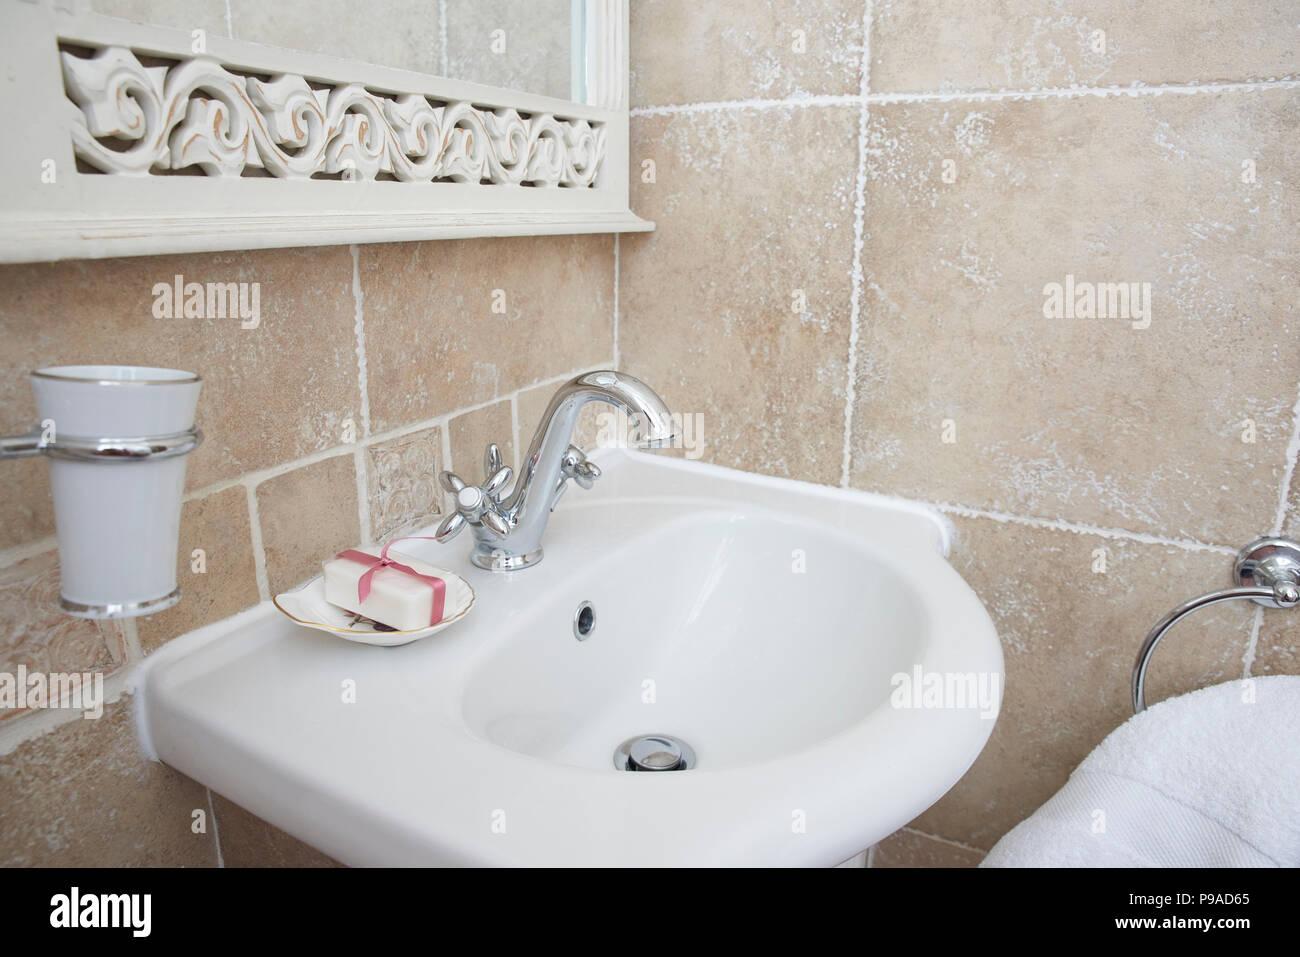 schuss der badezimmer mit waschbecken waschtisch armatur. chrom